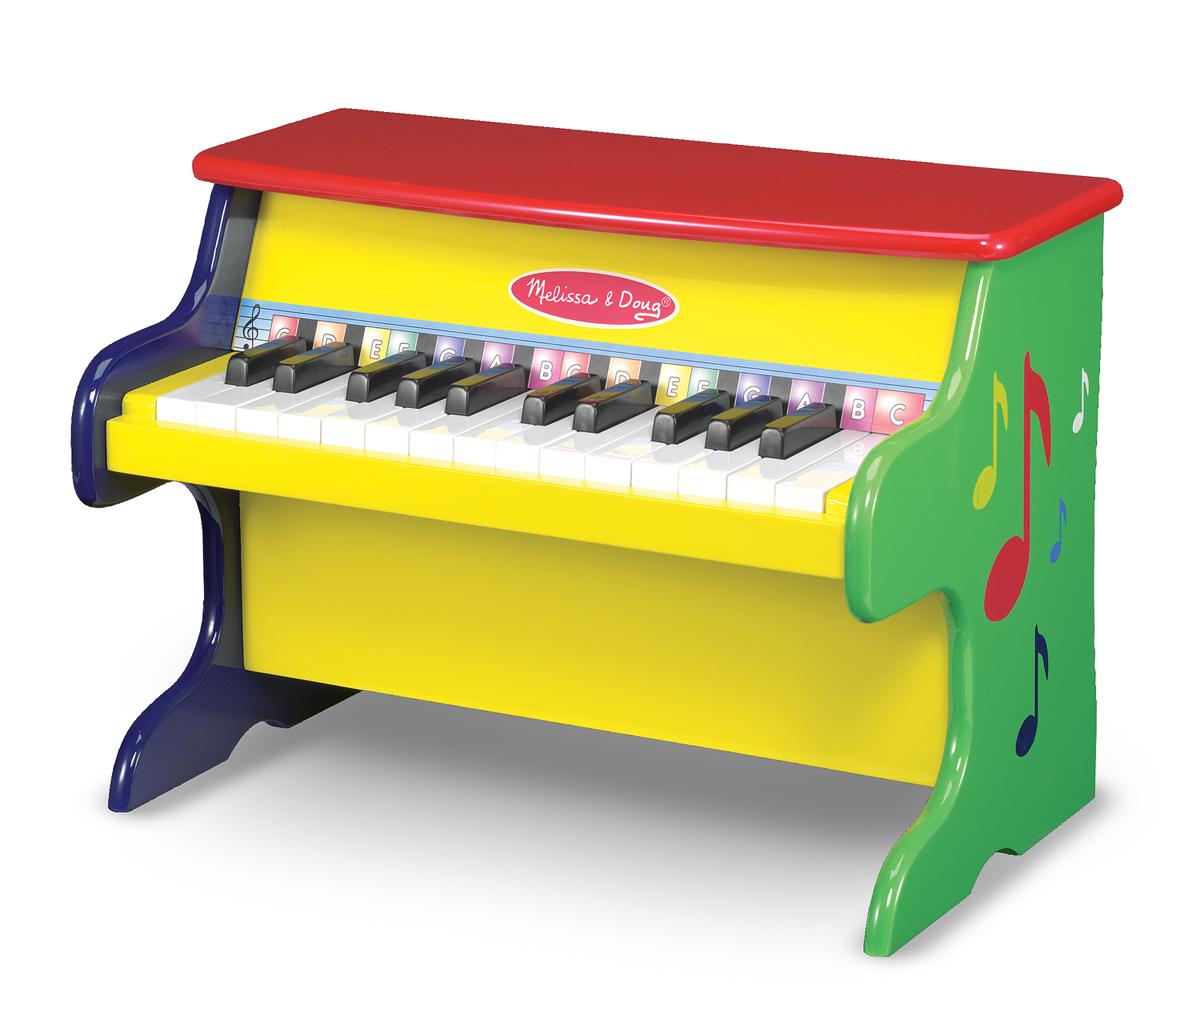 Деревянное пианино «Учимся играть» - Синтезаторы и пианино, артикул: 138784